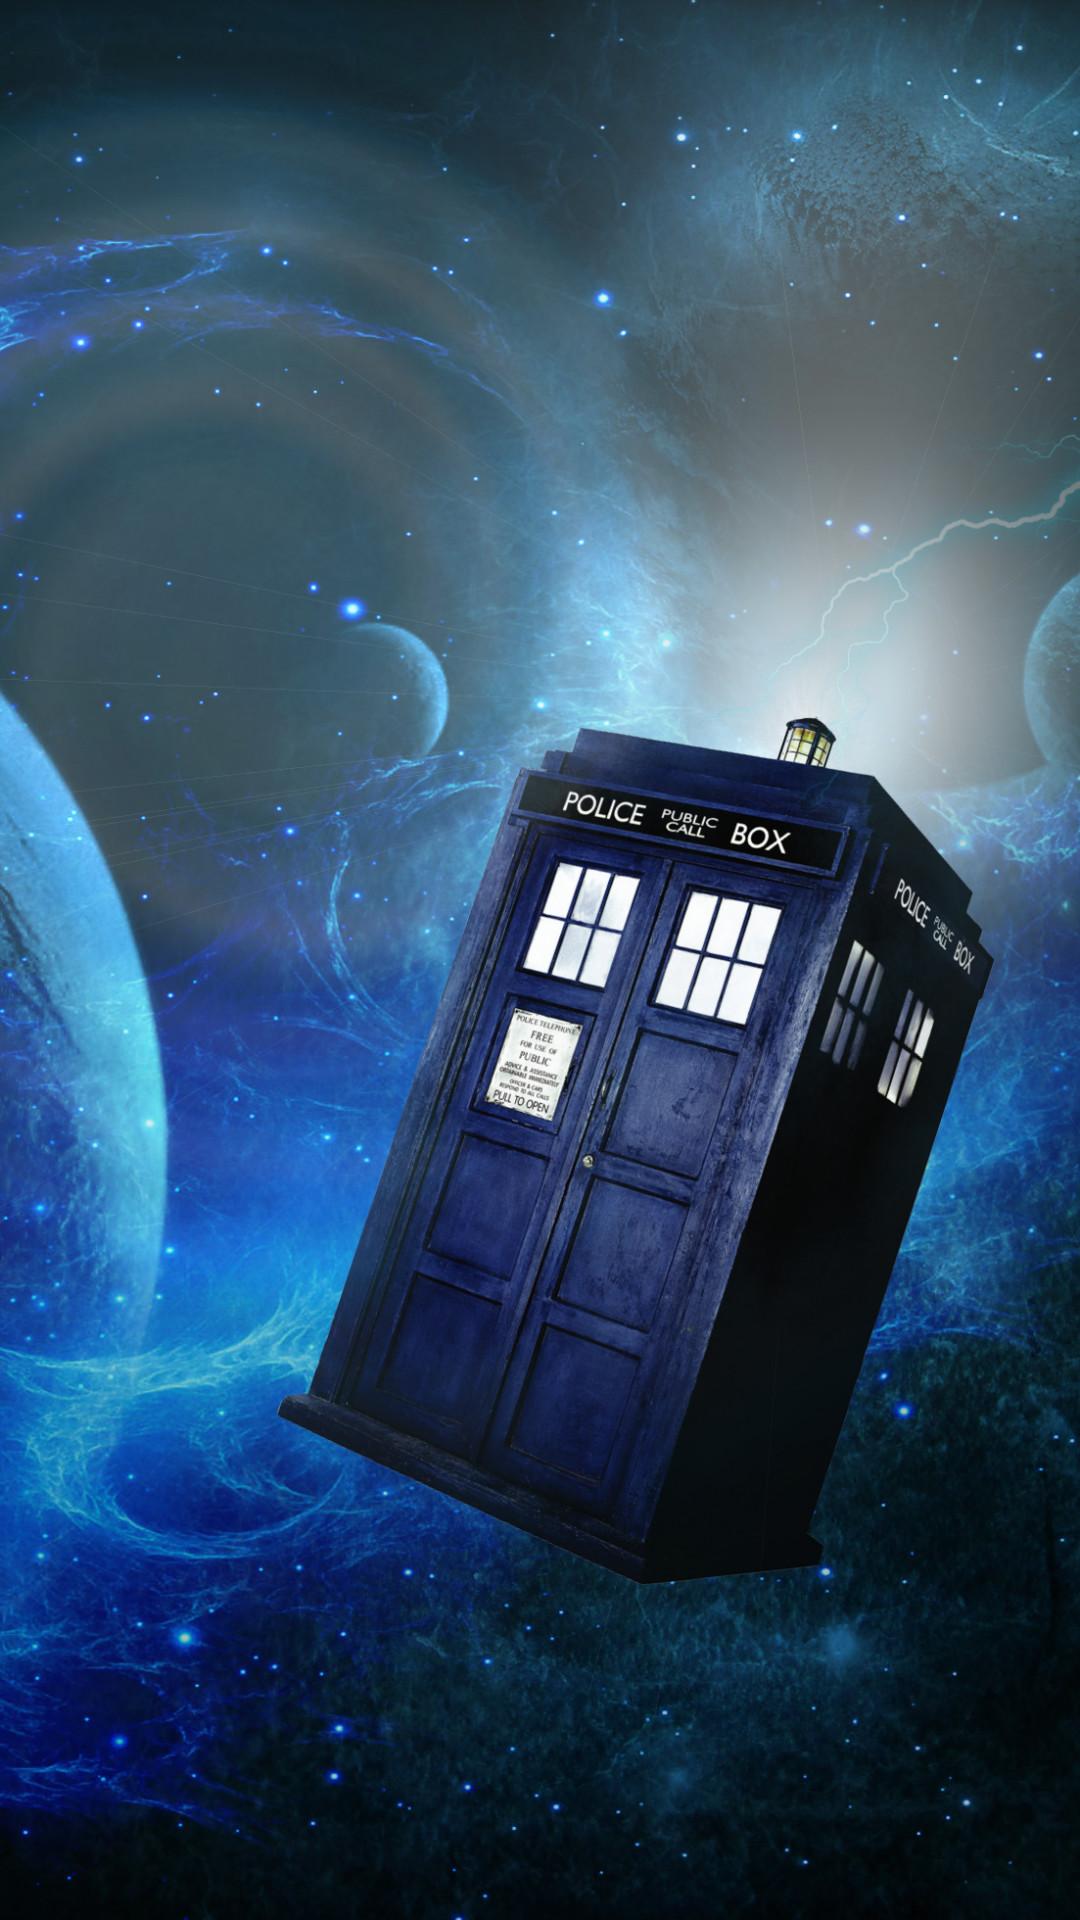 December 28, 2015 – Doctor Who IPhone Desktop Wallpapers